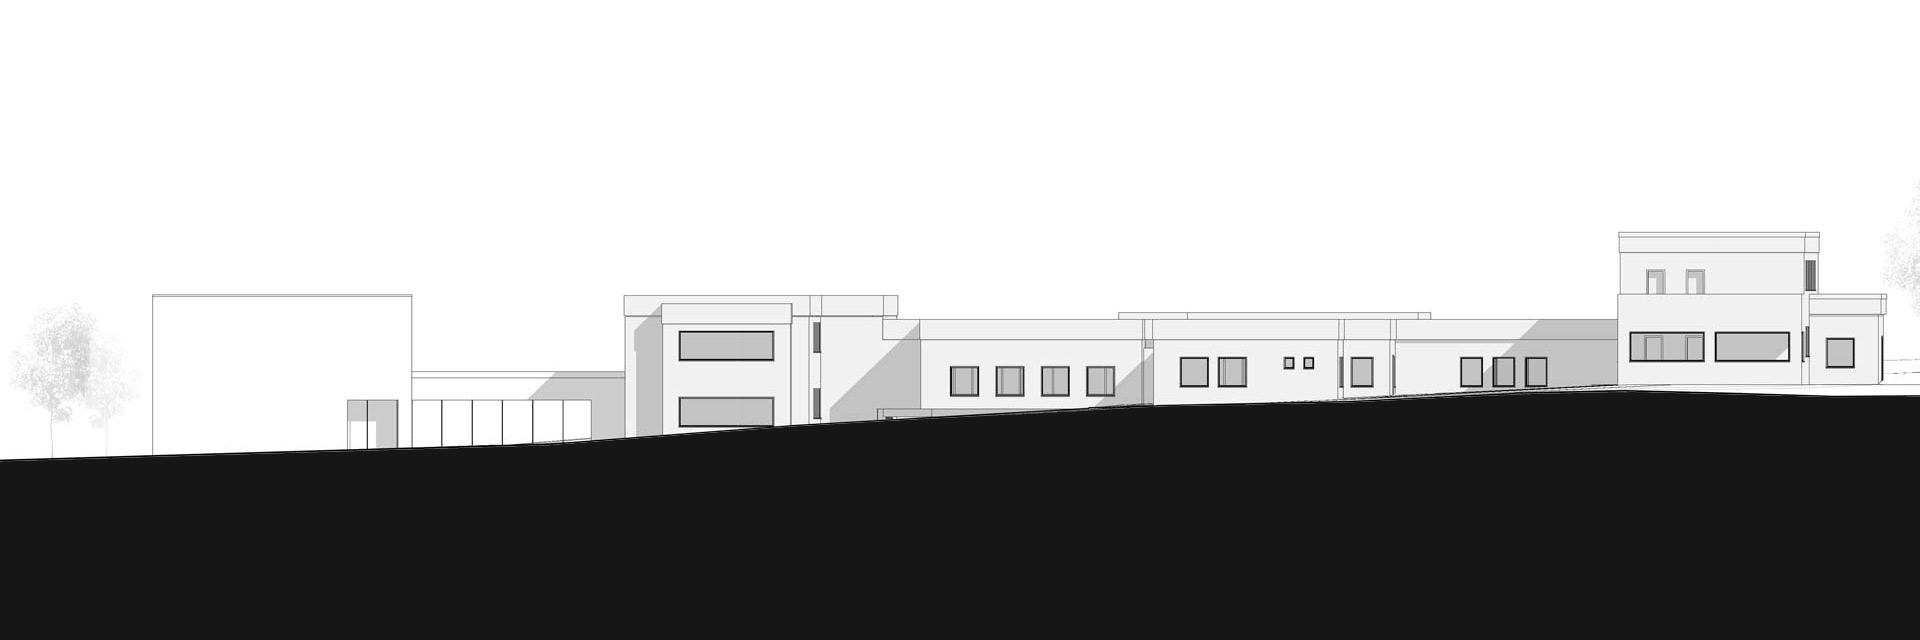 Jicin-kindergarten-vychod-B